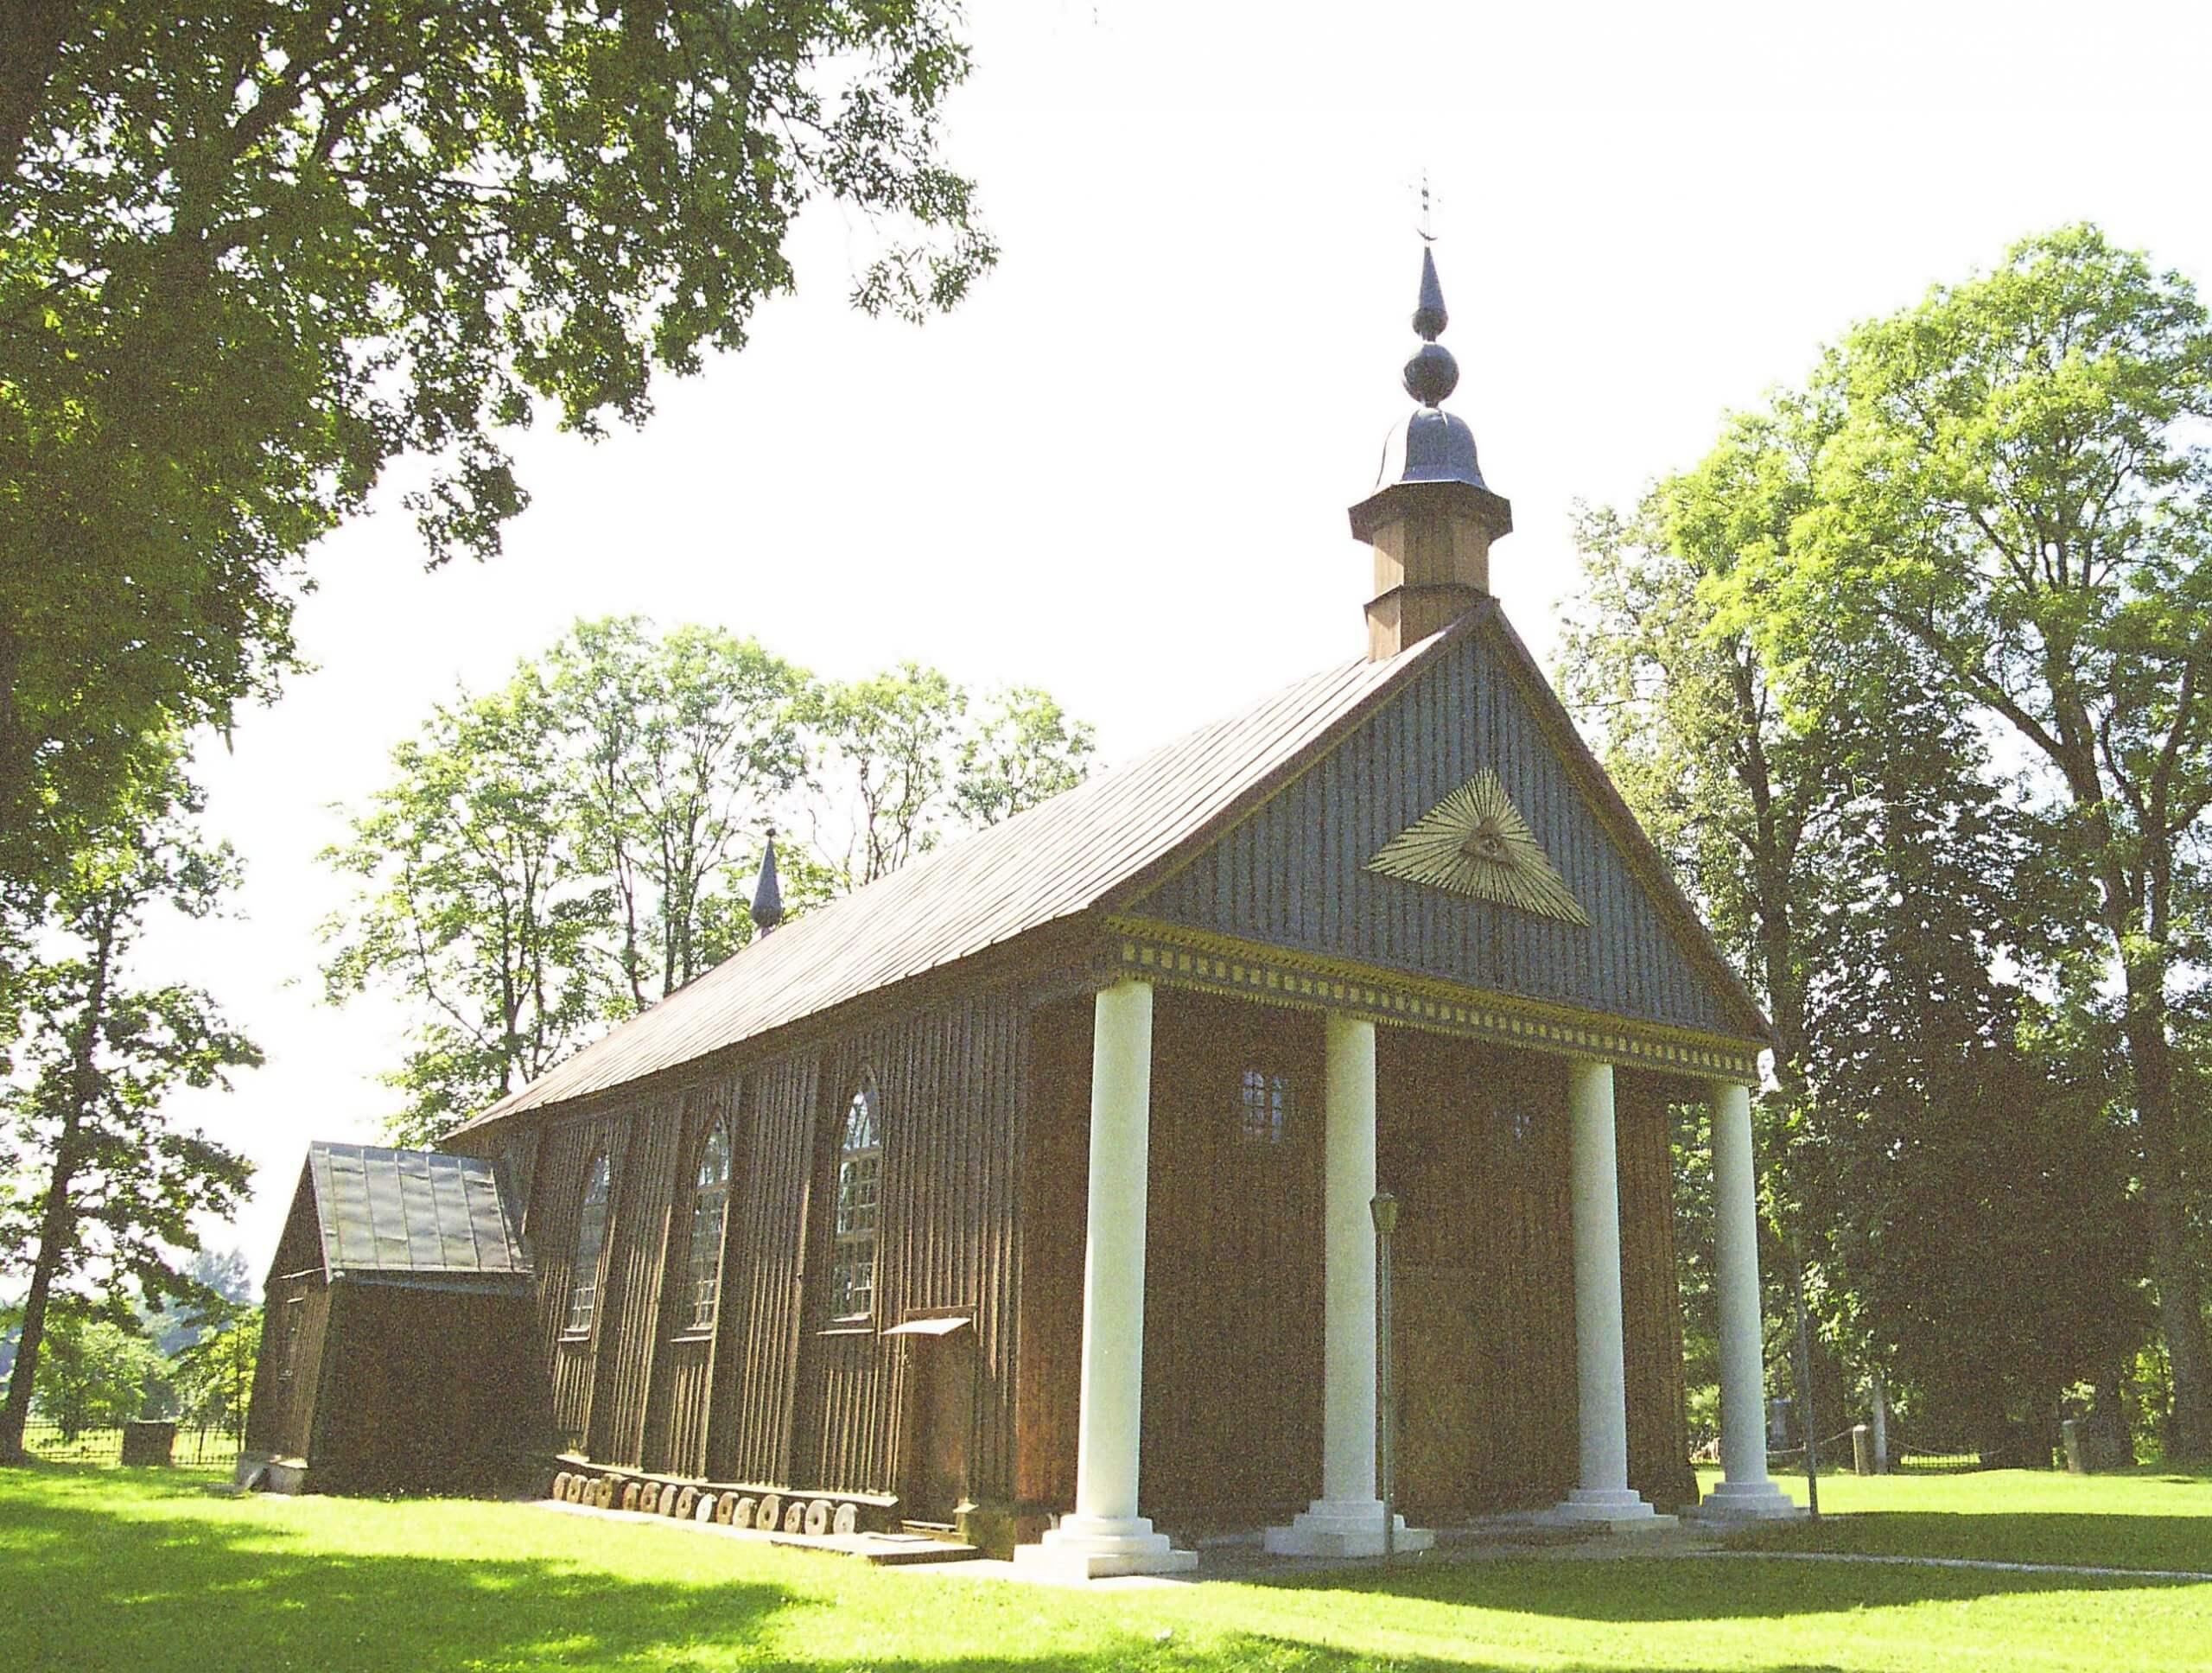 Paberžės Švč. Mergelės Marijos Apsilankymo bažnyčia (Kėdainių rajonas)